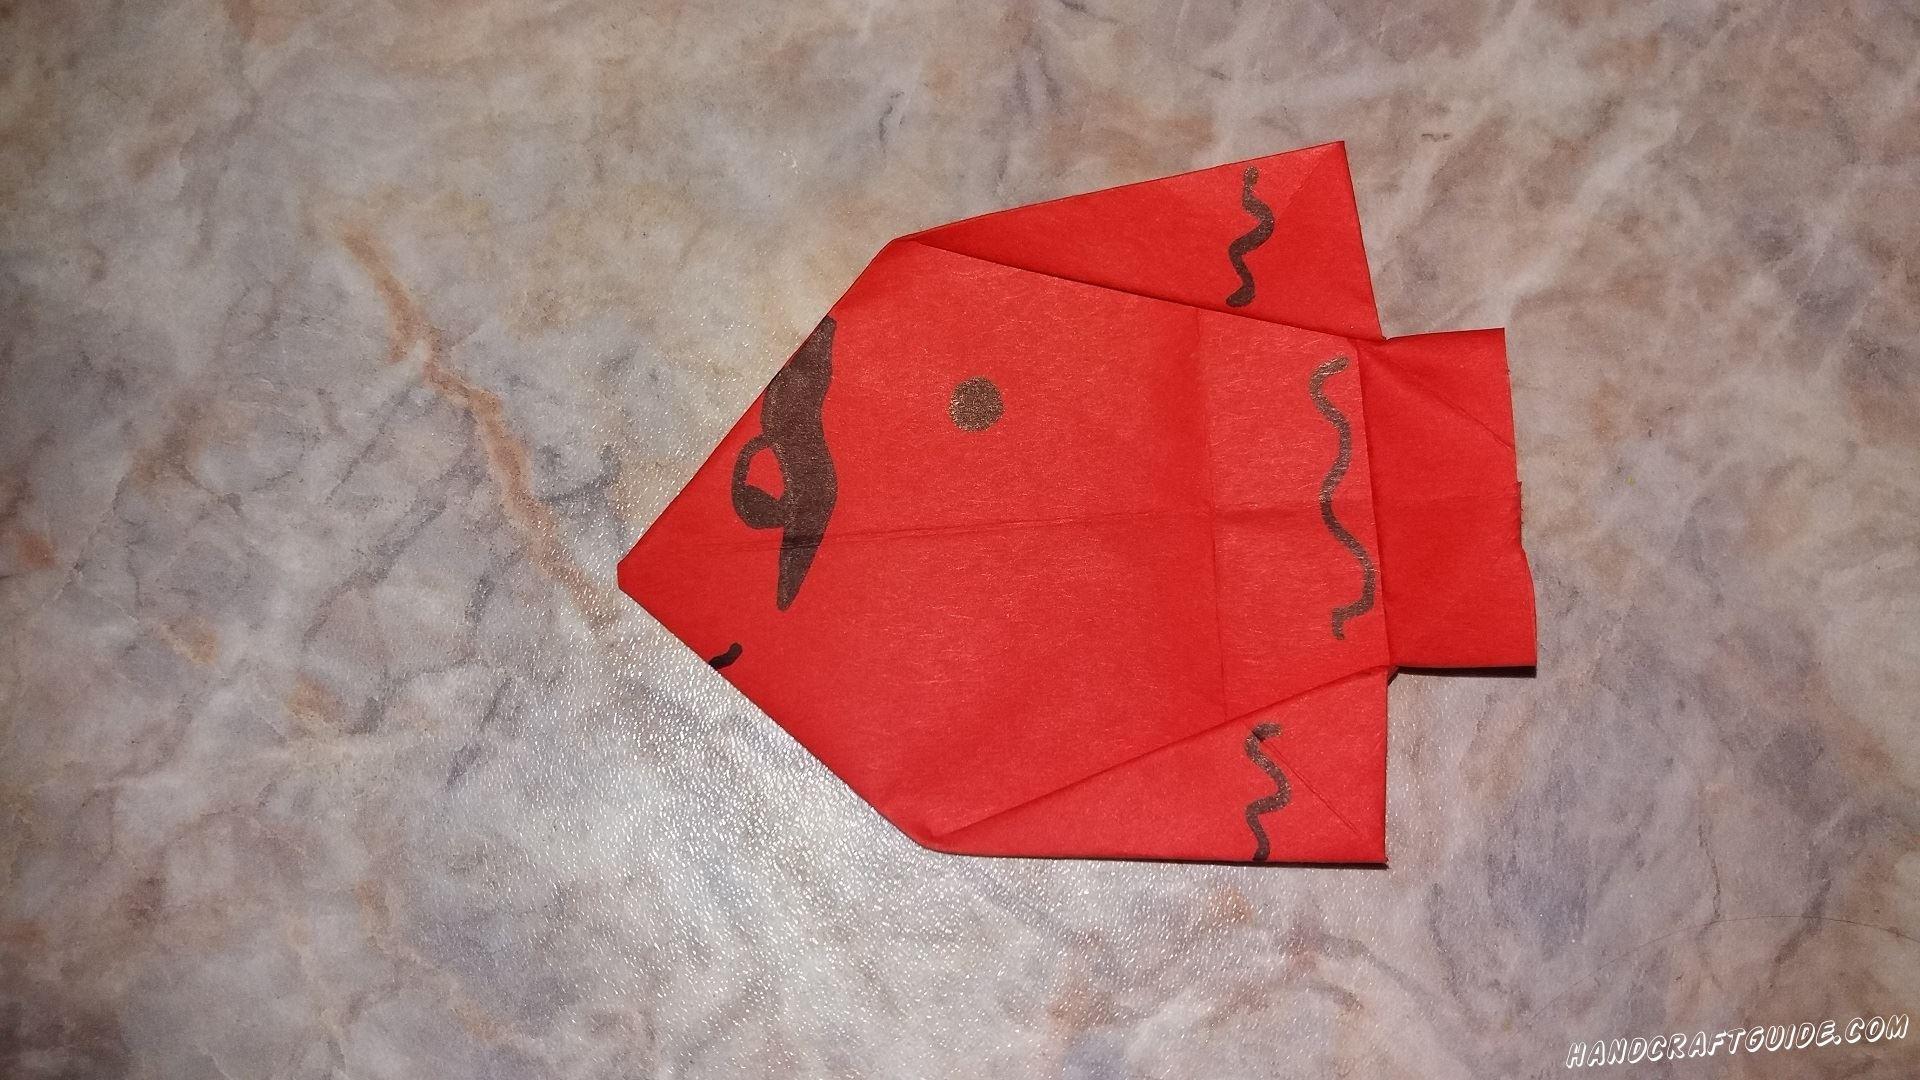 Сейчас мы сделаем крутую рыбку, используя технику оригами.